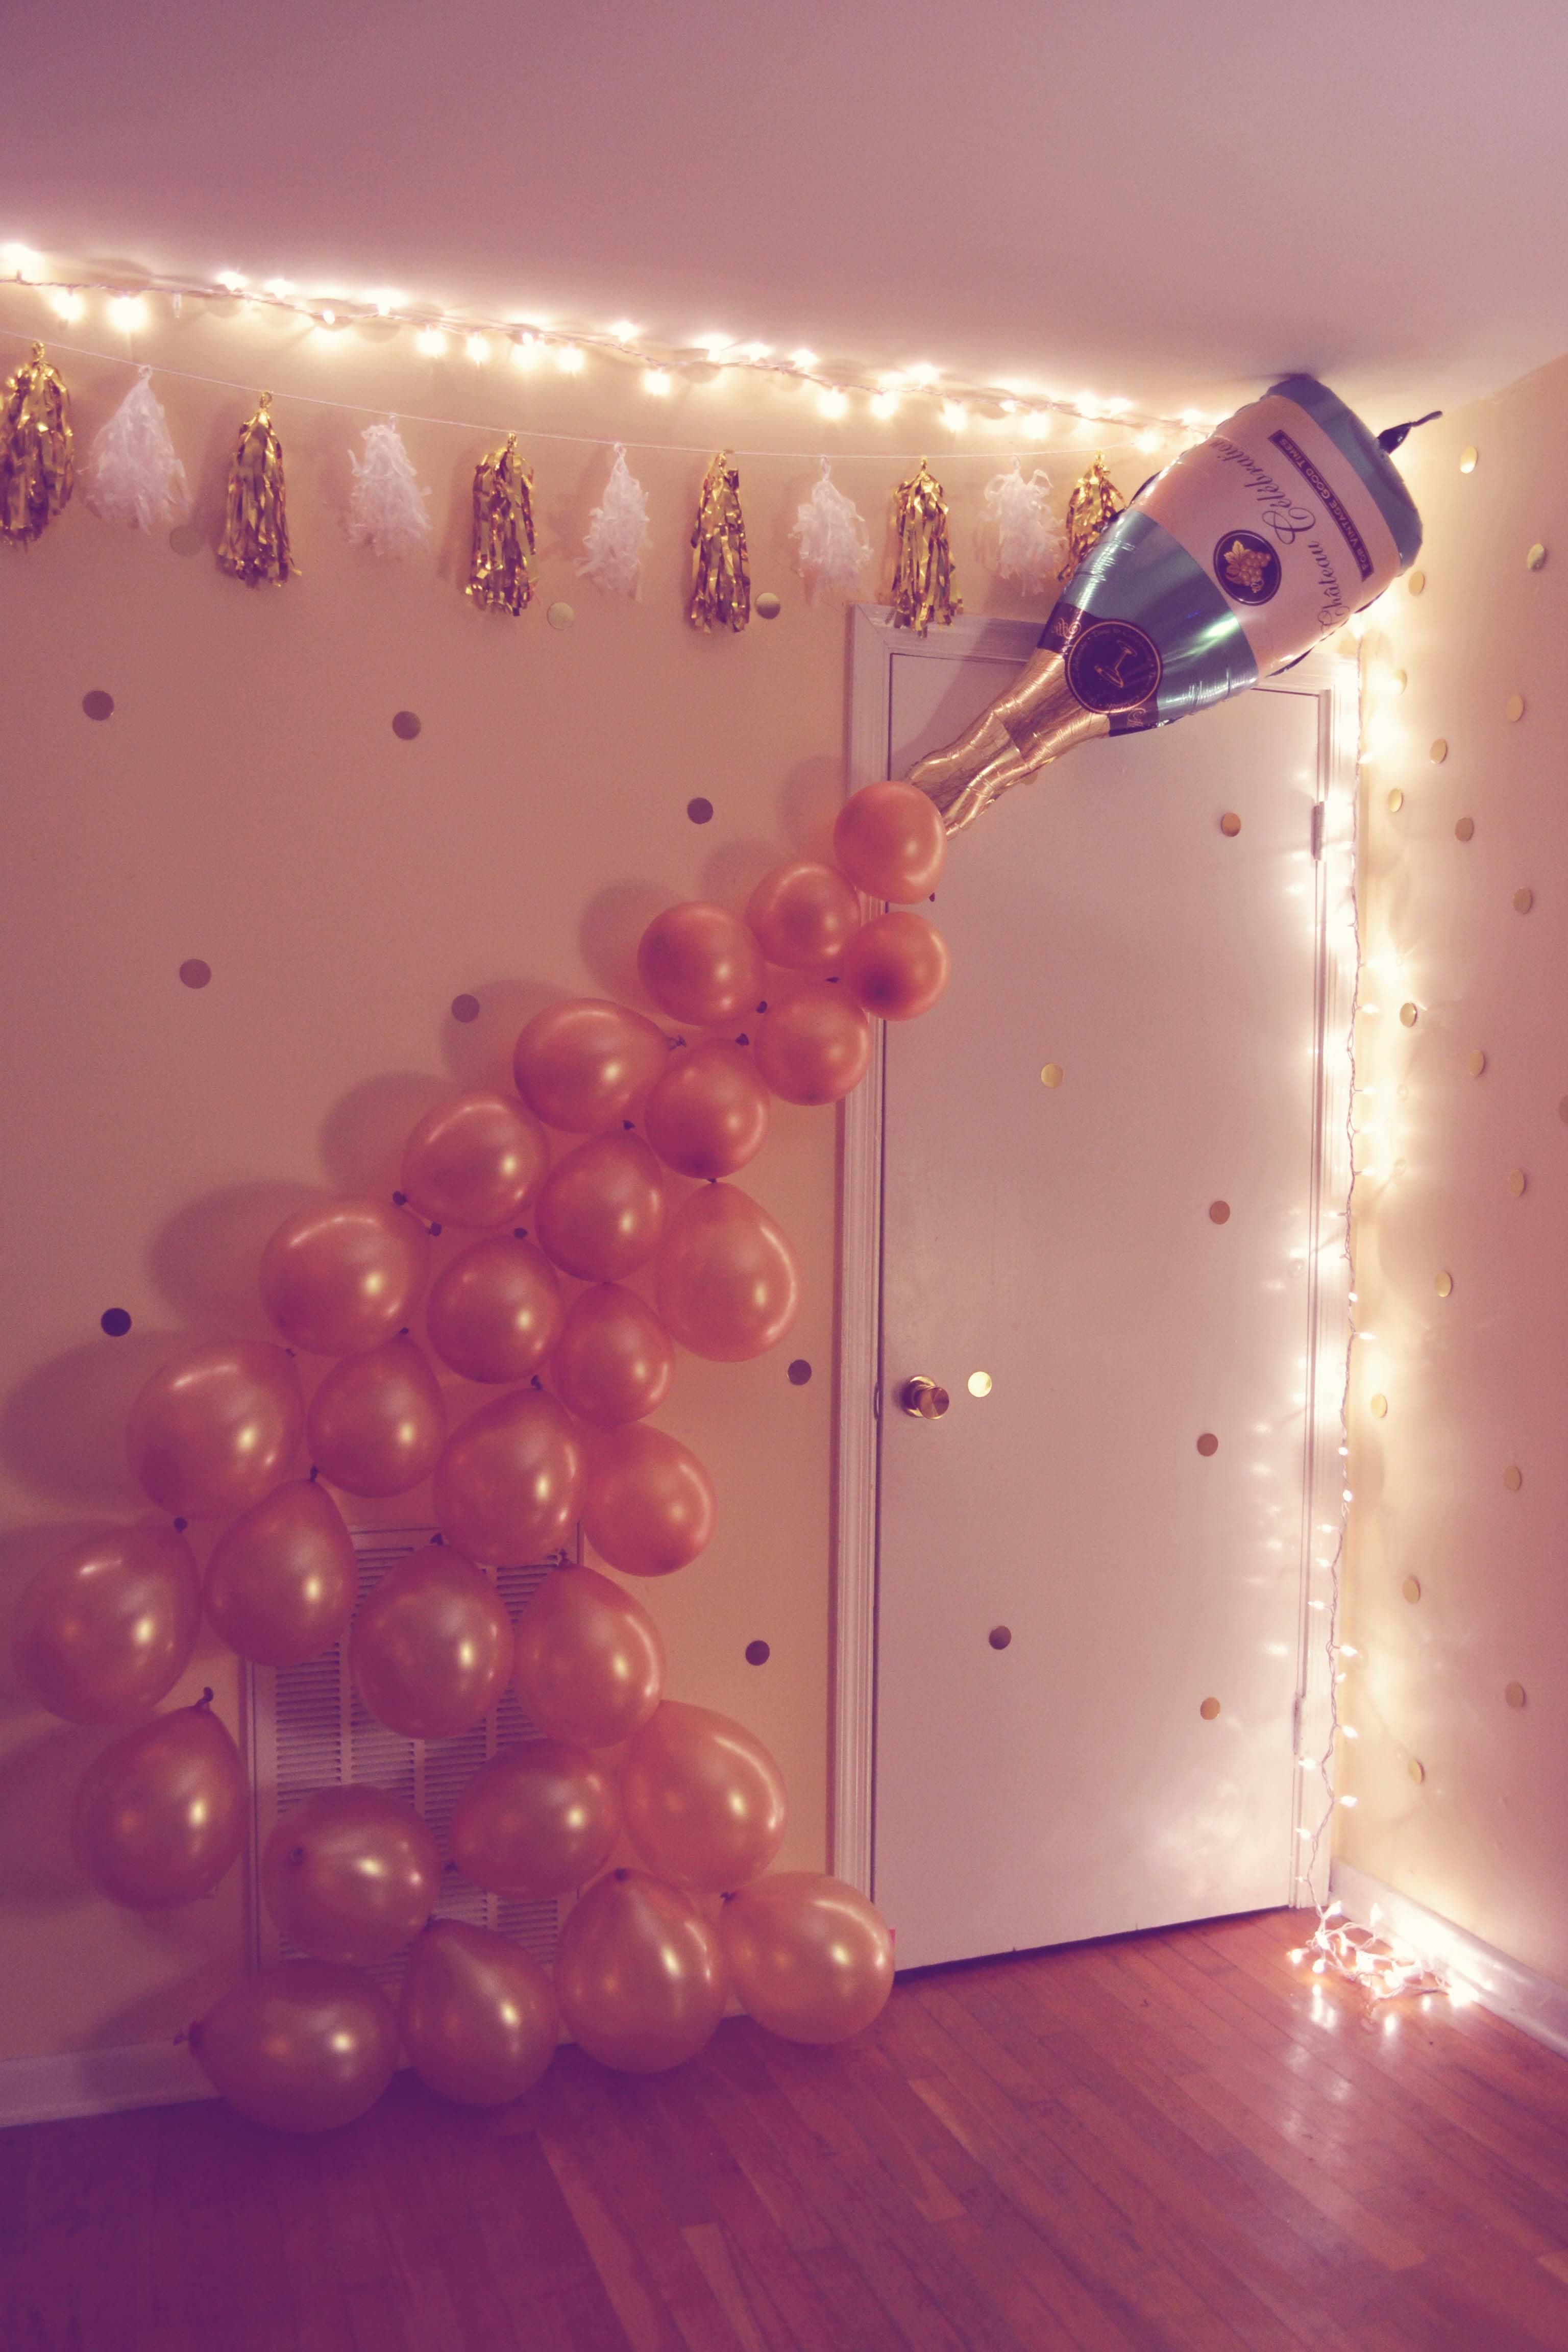 Diy 21st Birthday Party 21st Birthday Diy Birthday Party 21 Party Balloons Diy